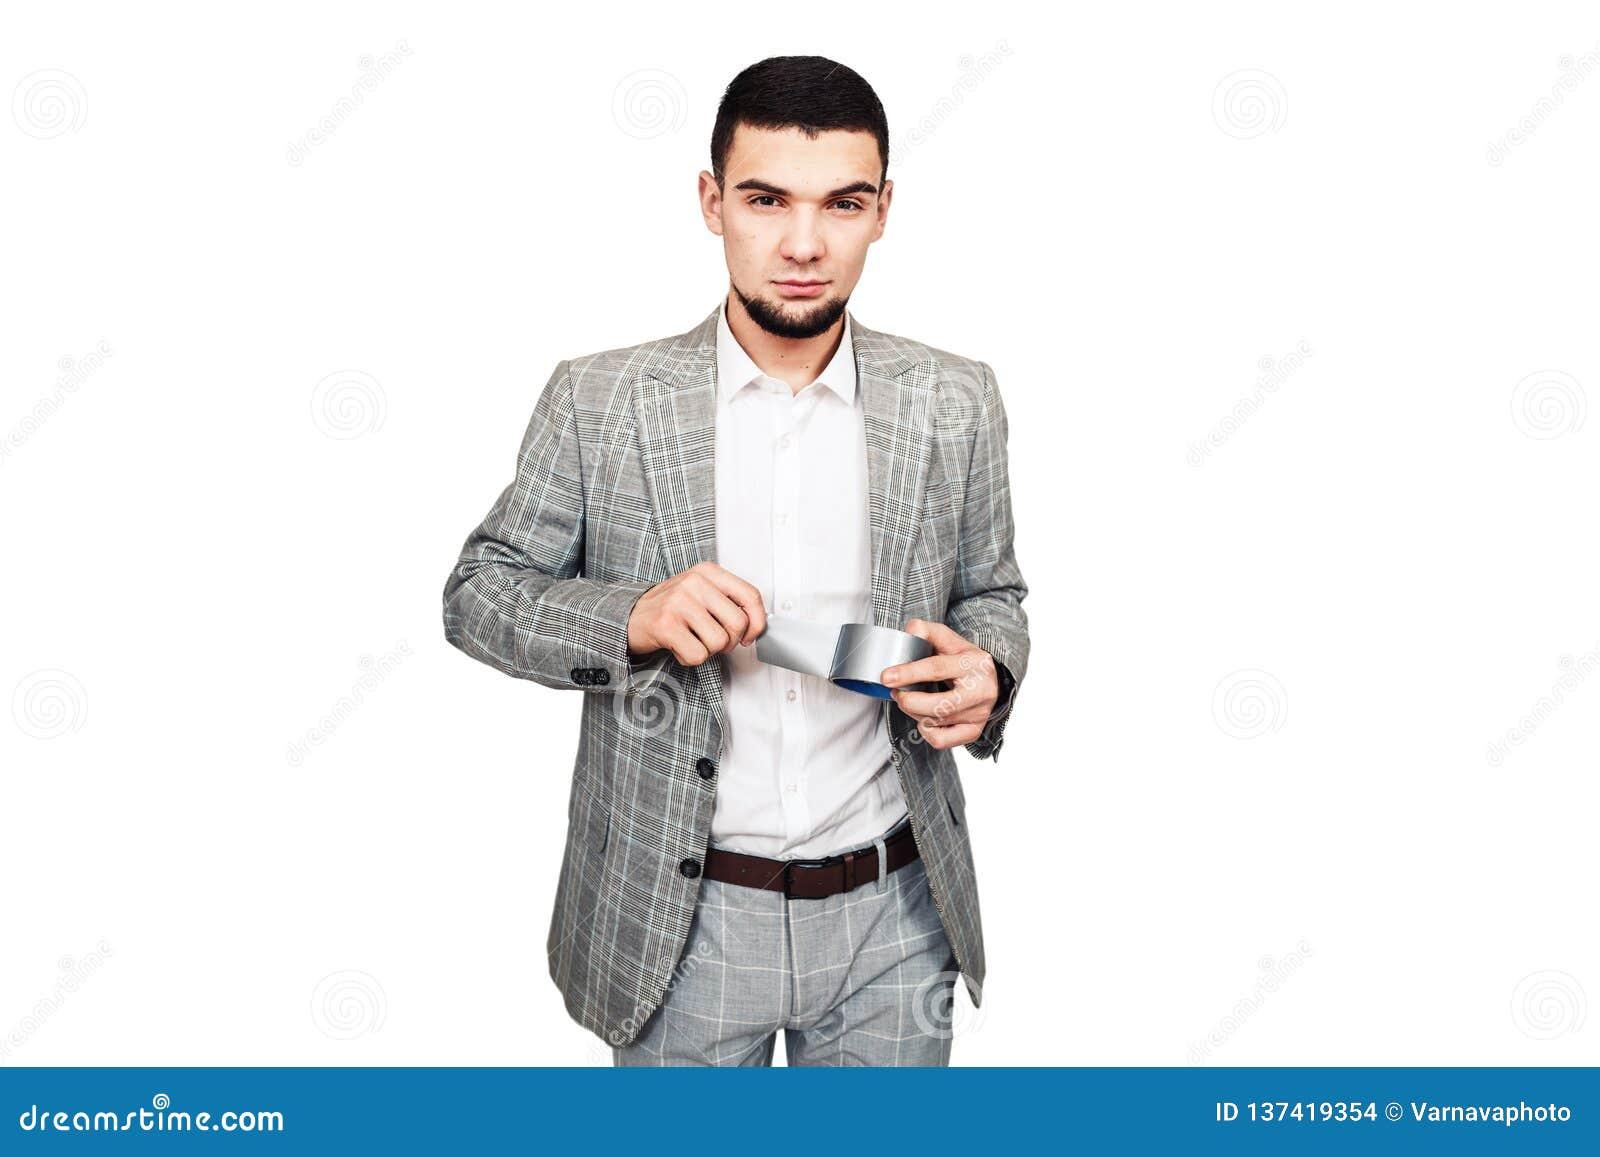 Adversaire de liberté de parole, dictateur Le jeune type barbu élégant dans un costume gris veut sceller votre bouche avec le rub